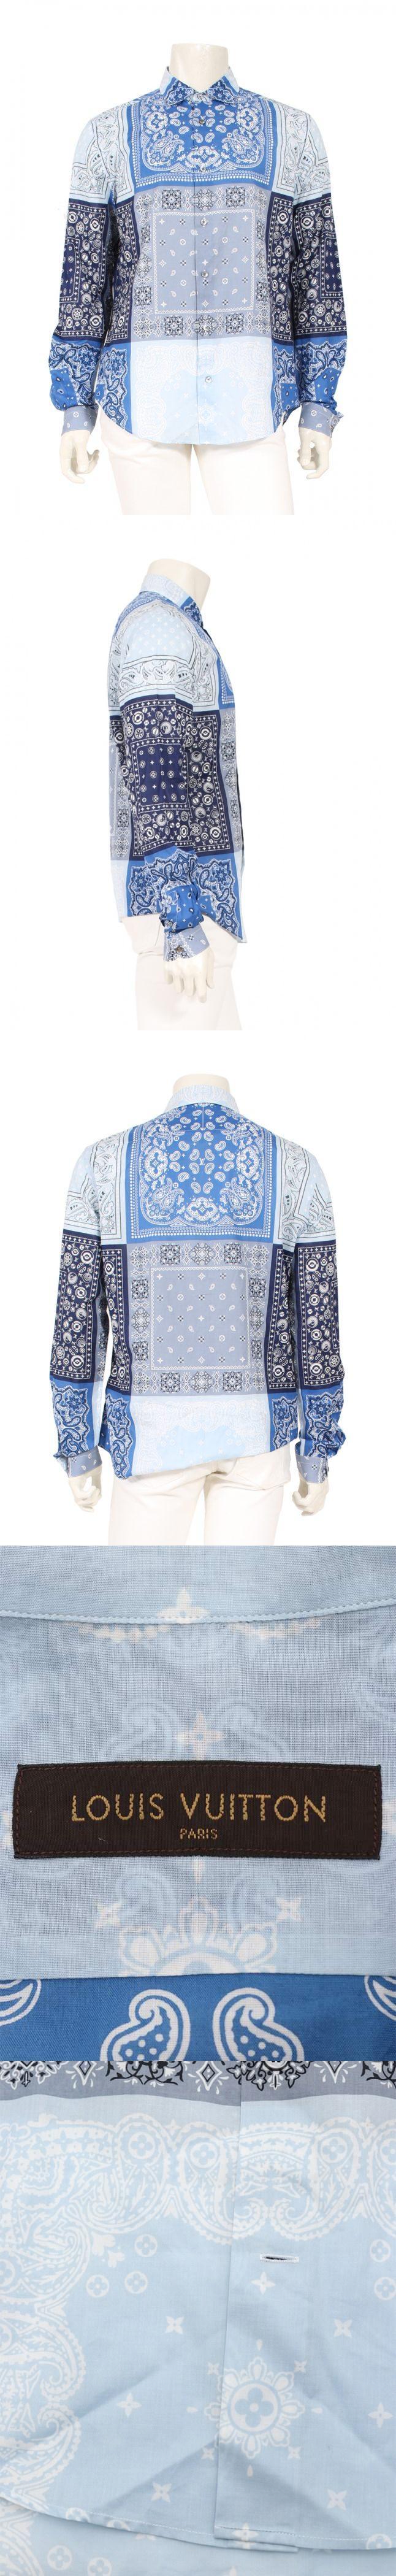 シャツ 青 水色 XL トップス 長袖 ペイズリー柄 コットン バンダナ